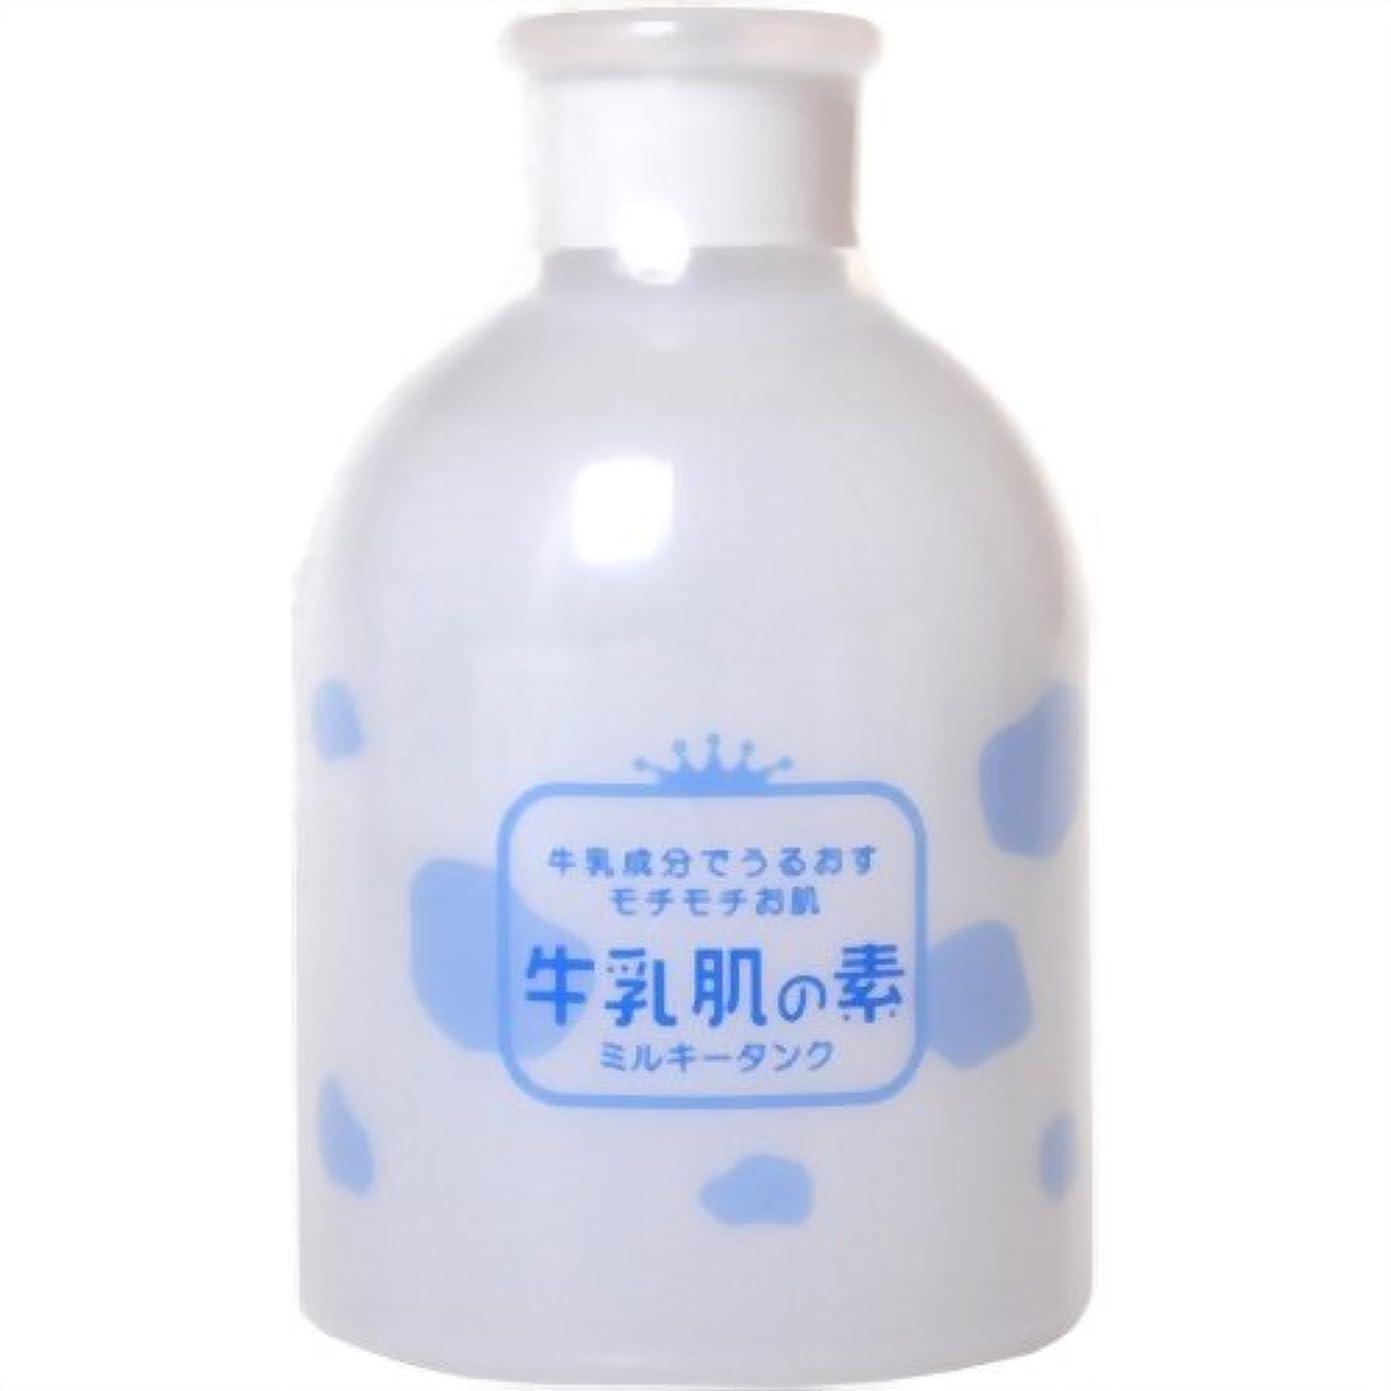 偽装する朝ごはんむしろ牛乳肌の素 ミルキータンク(化粧水) 300ml